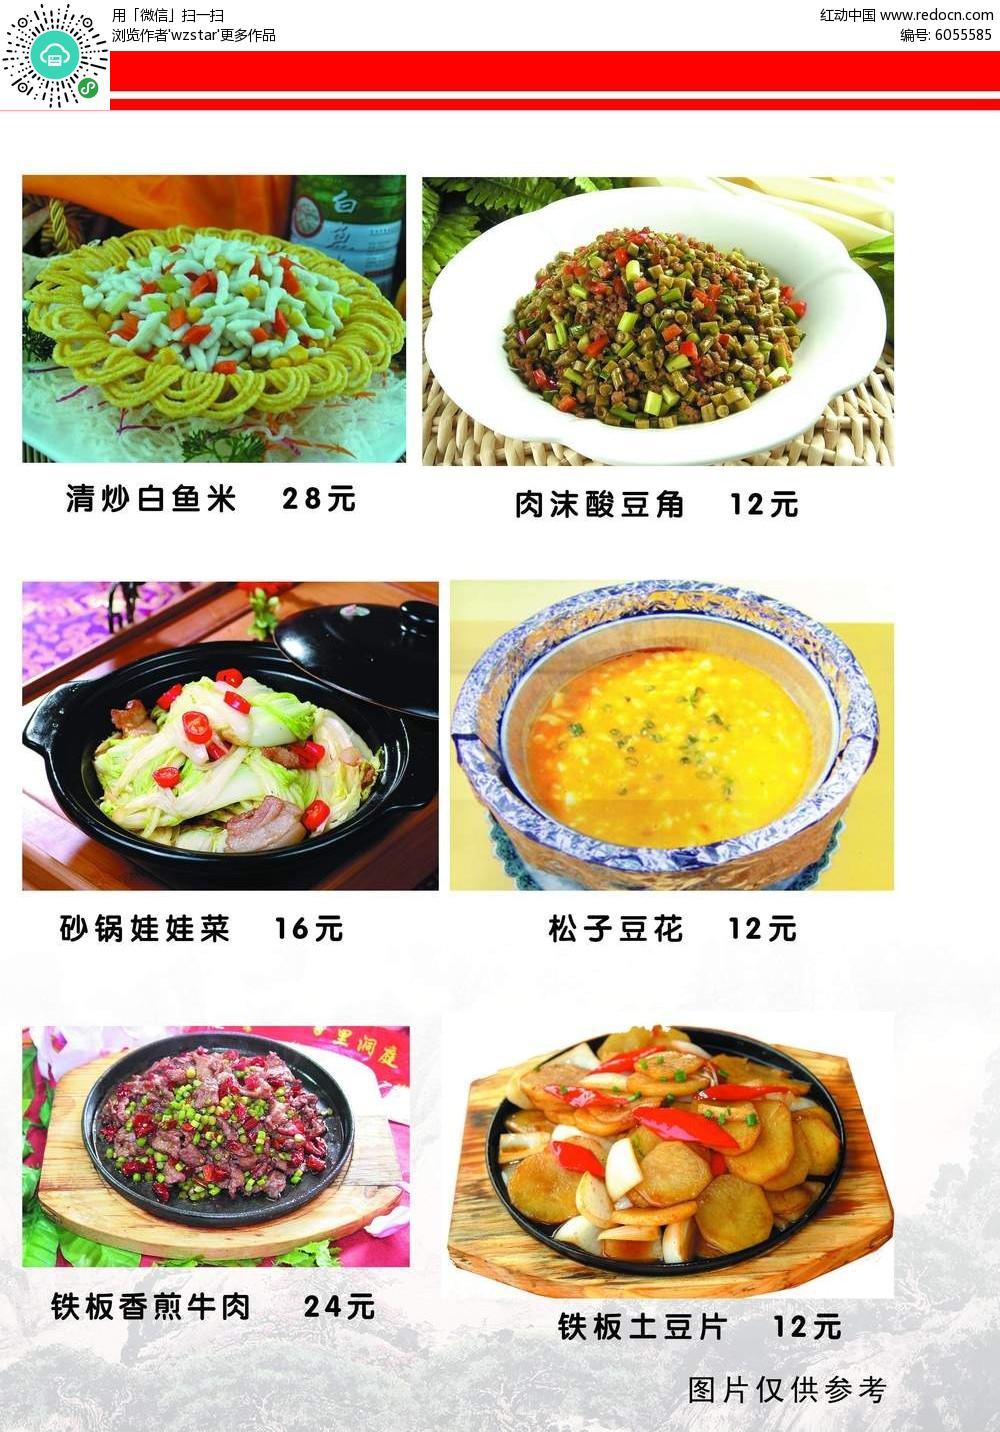 美味小炒美食菜谱设计图片